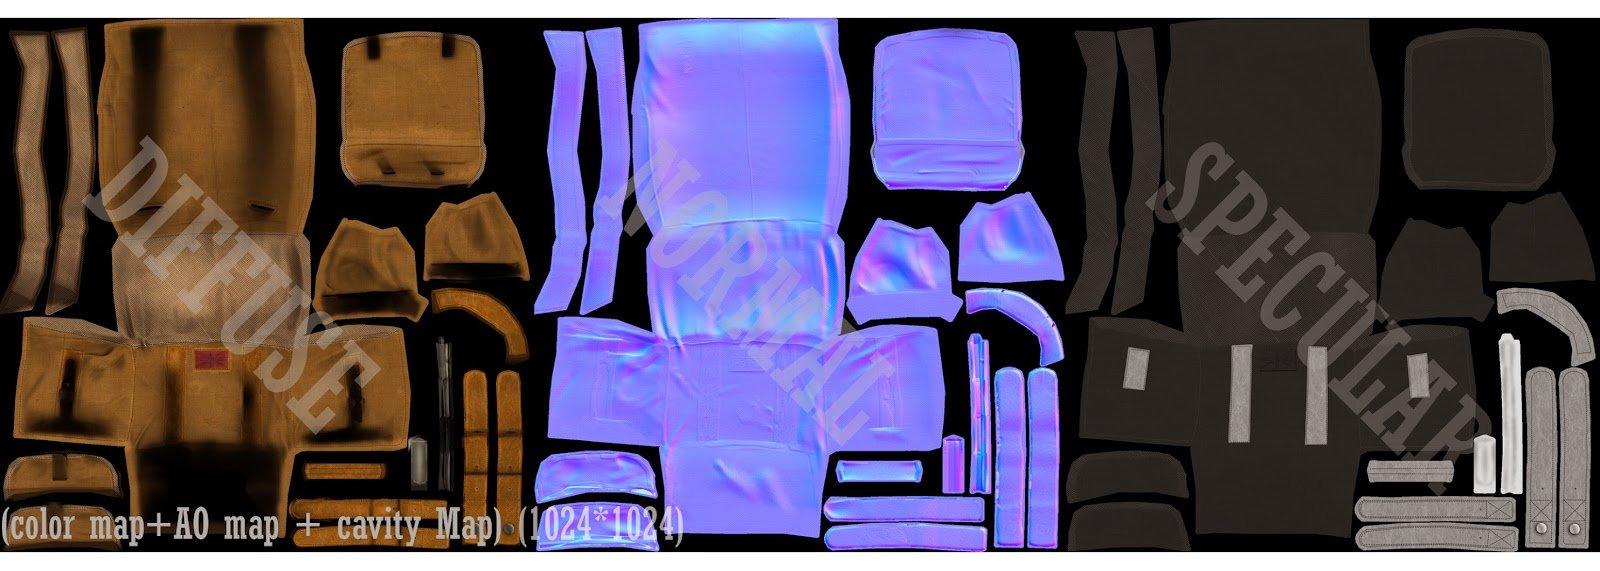 Shivani garg canvas bag 2